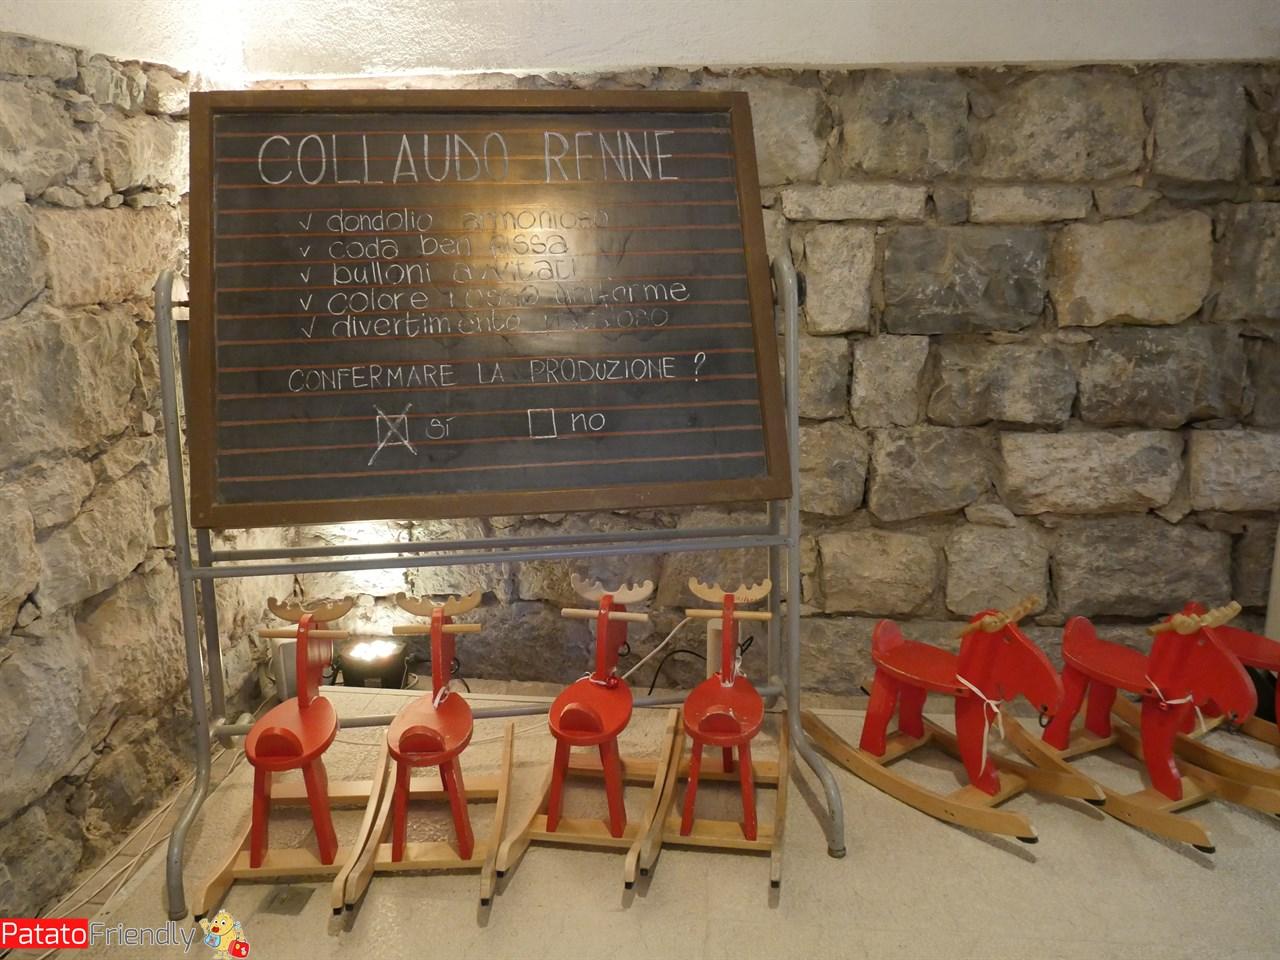 [cml_media_alt id='13050']Il collaudo delle renne dentro alla Casa di Babbo Natale di Riva del Garda - un lavoro da piccoli elfi[/cml_media_alt]